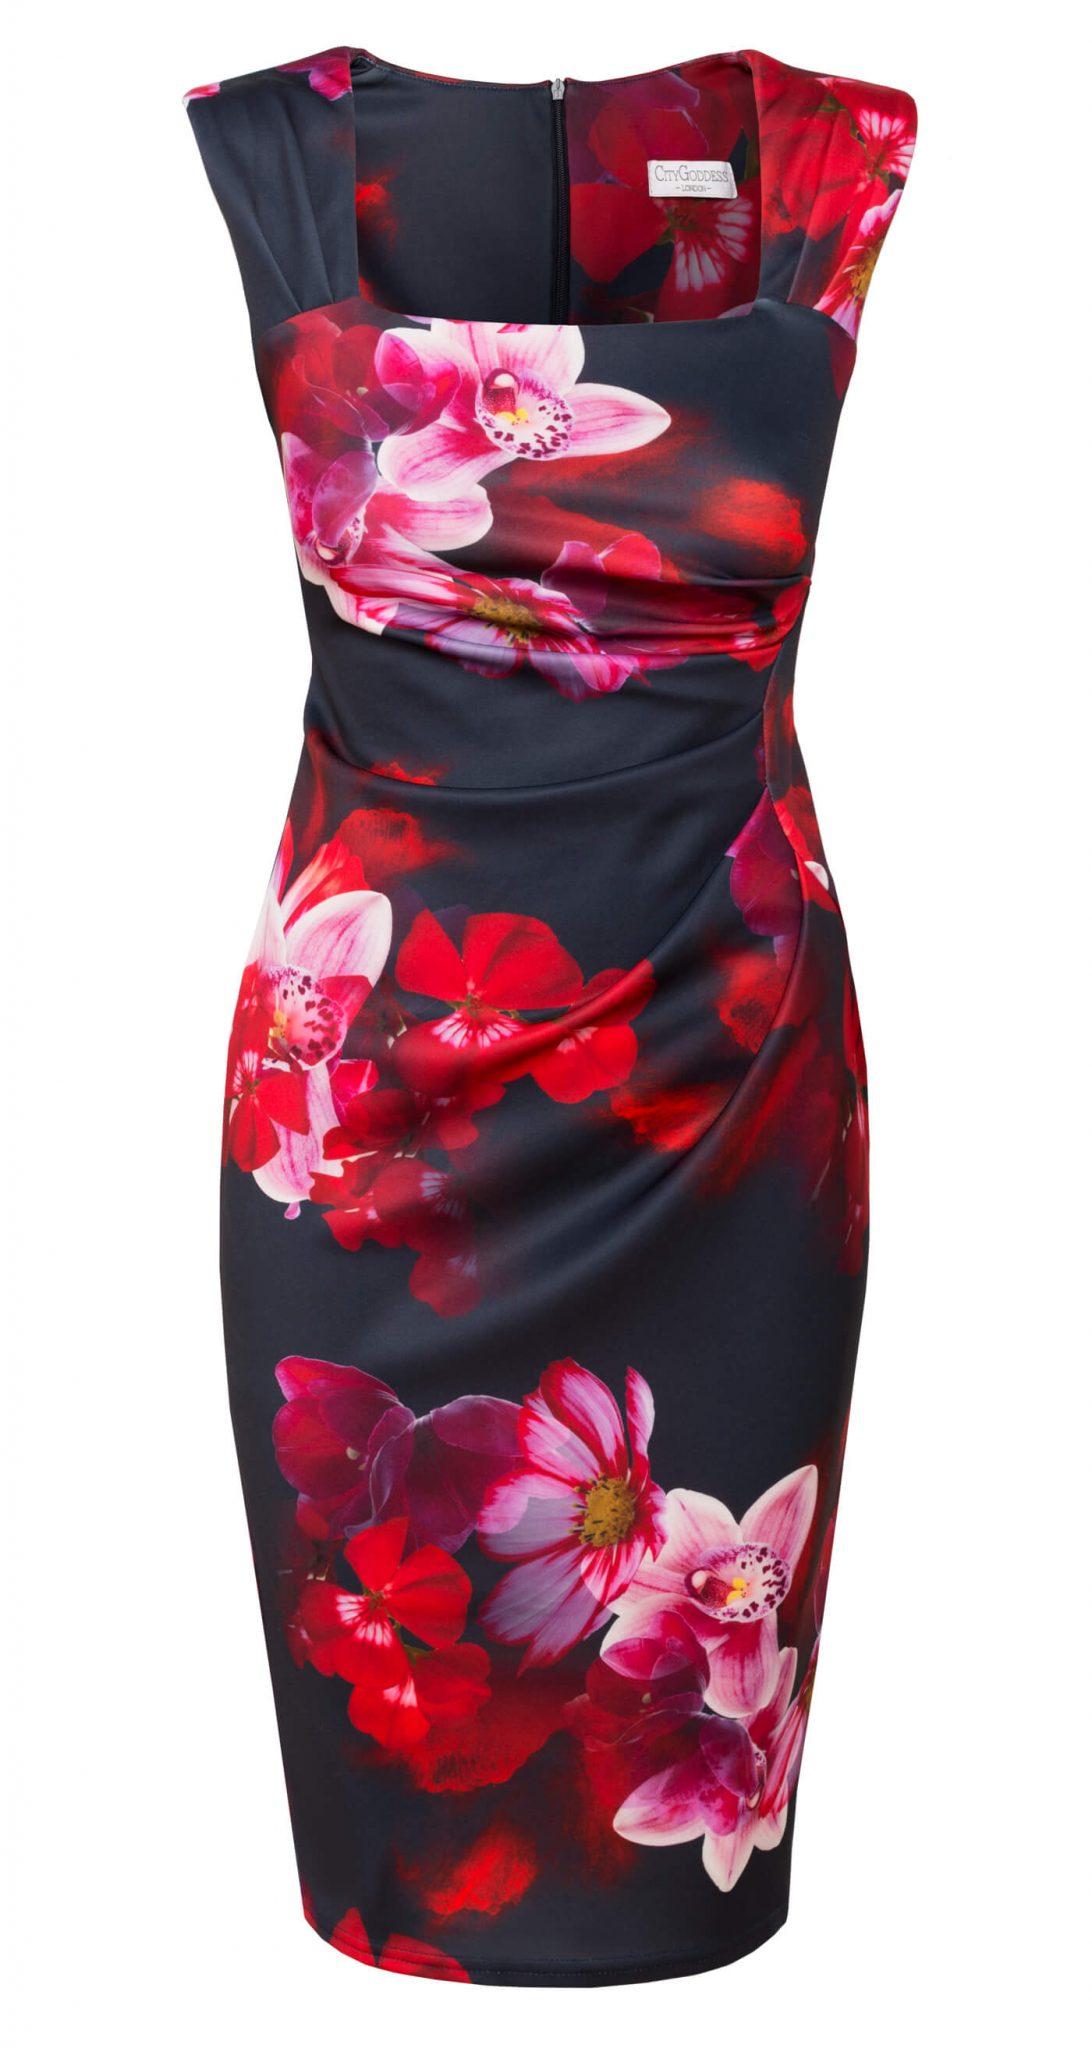 AMCO Fashion by Annett Möller | City Goddess | Kleid mit seitlichen Falten | Navy mit Blumen | Geblümtes Kleid | mit kaschierenden Falten